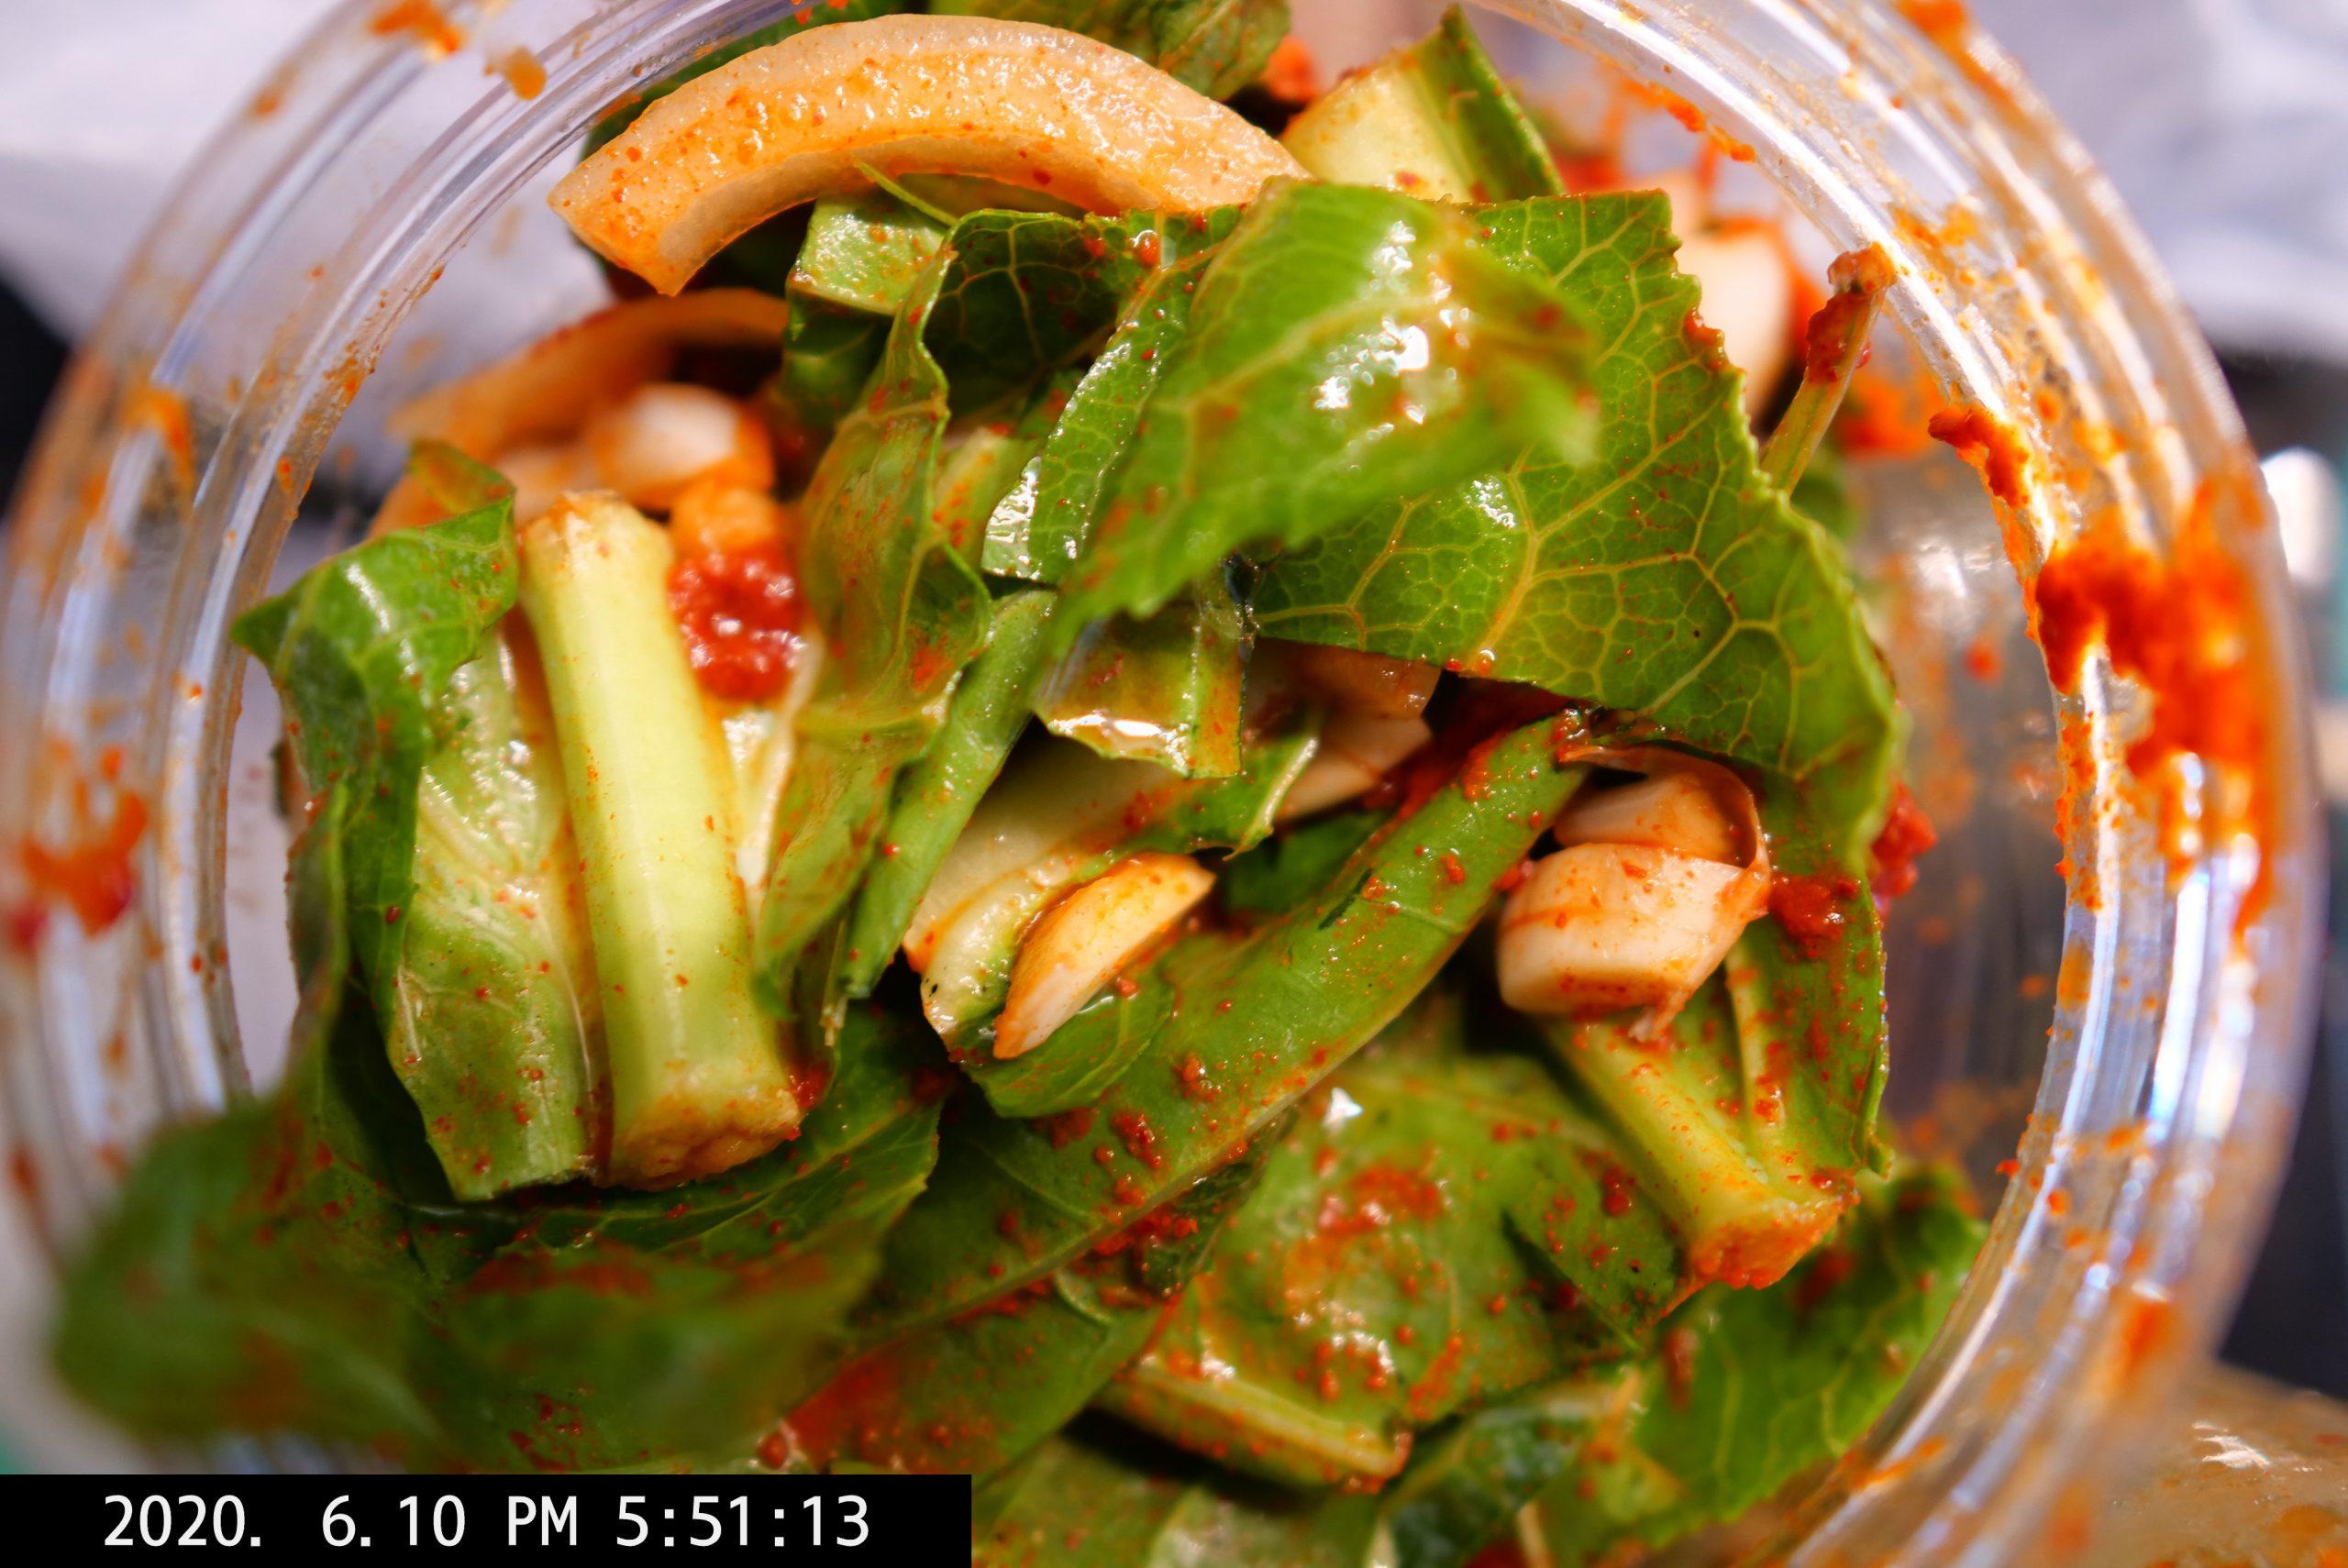 Making kimchi at home with collard greens